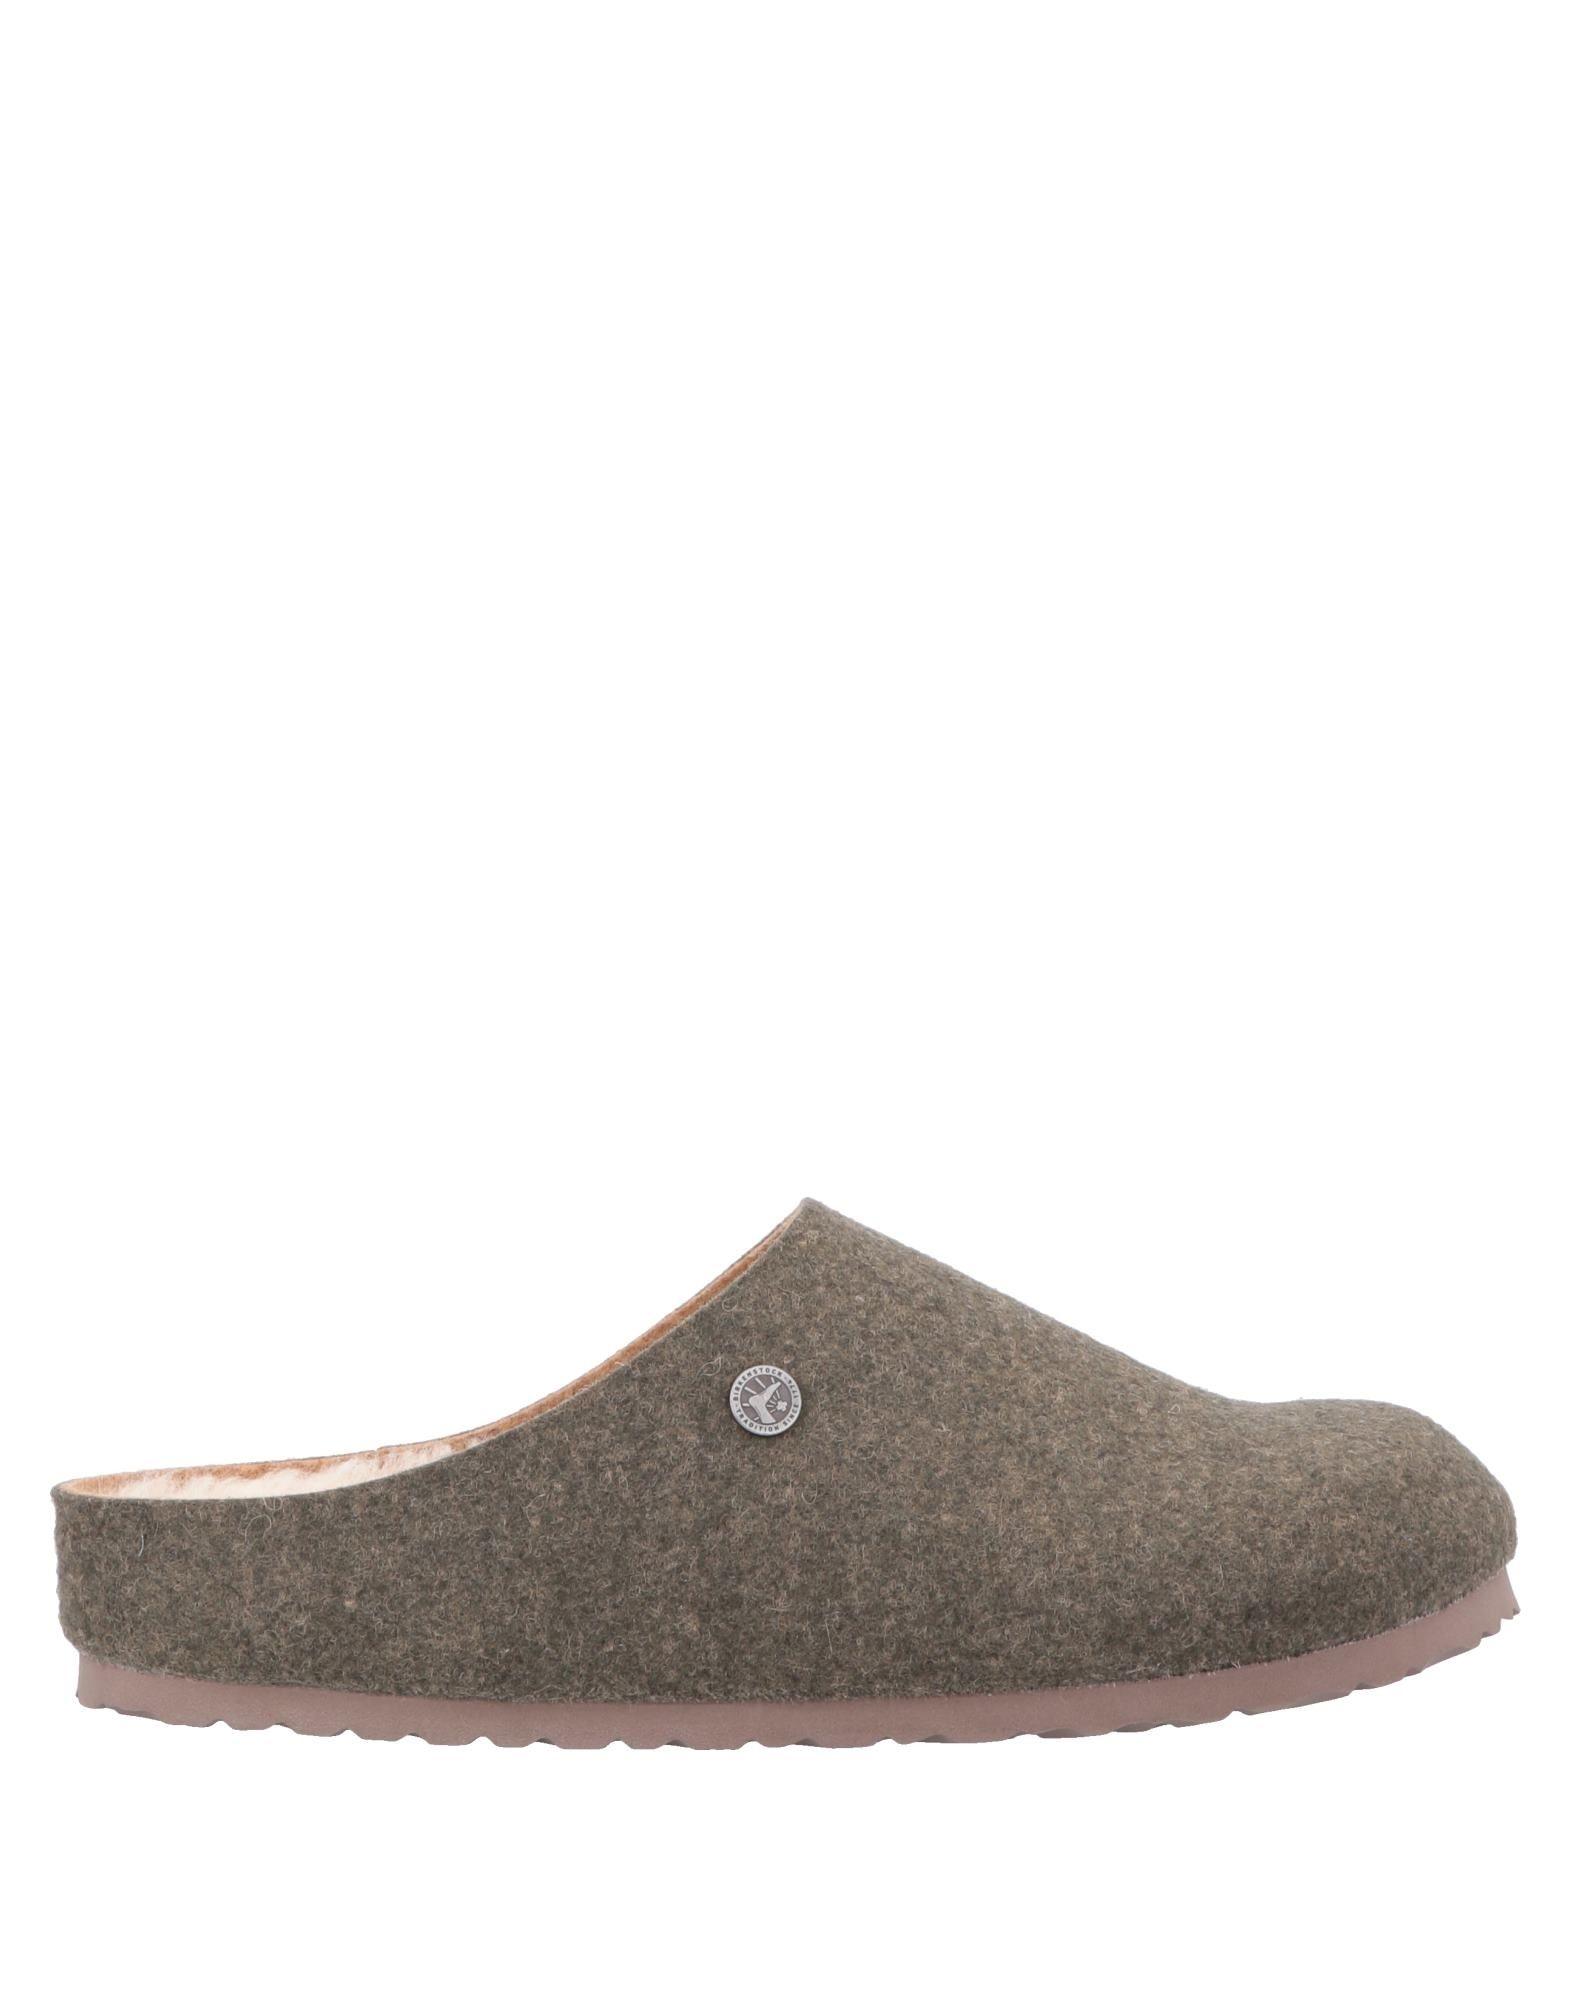 Birkenstock Slippers - Men Birkenstock United Slippers online on  United Birkenstock Kingdom - 11587536VW 5195a8